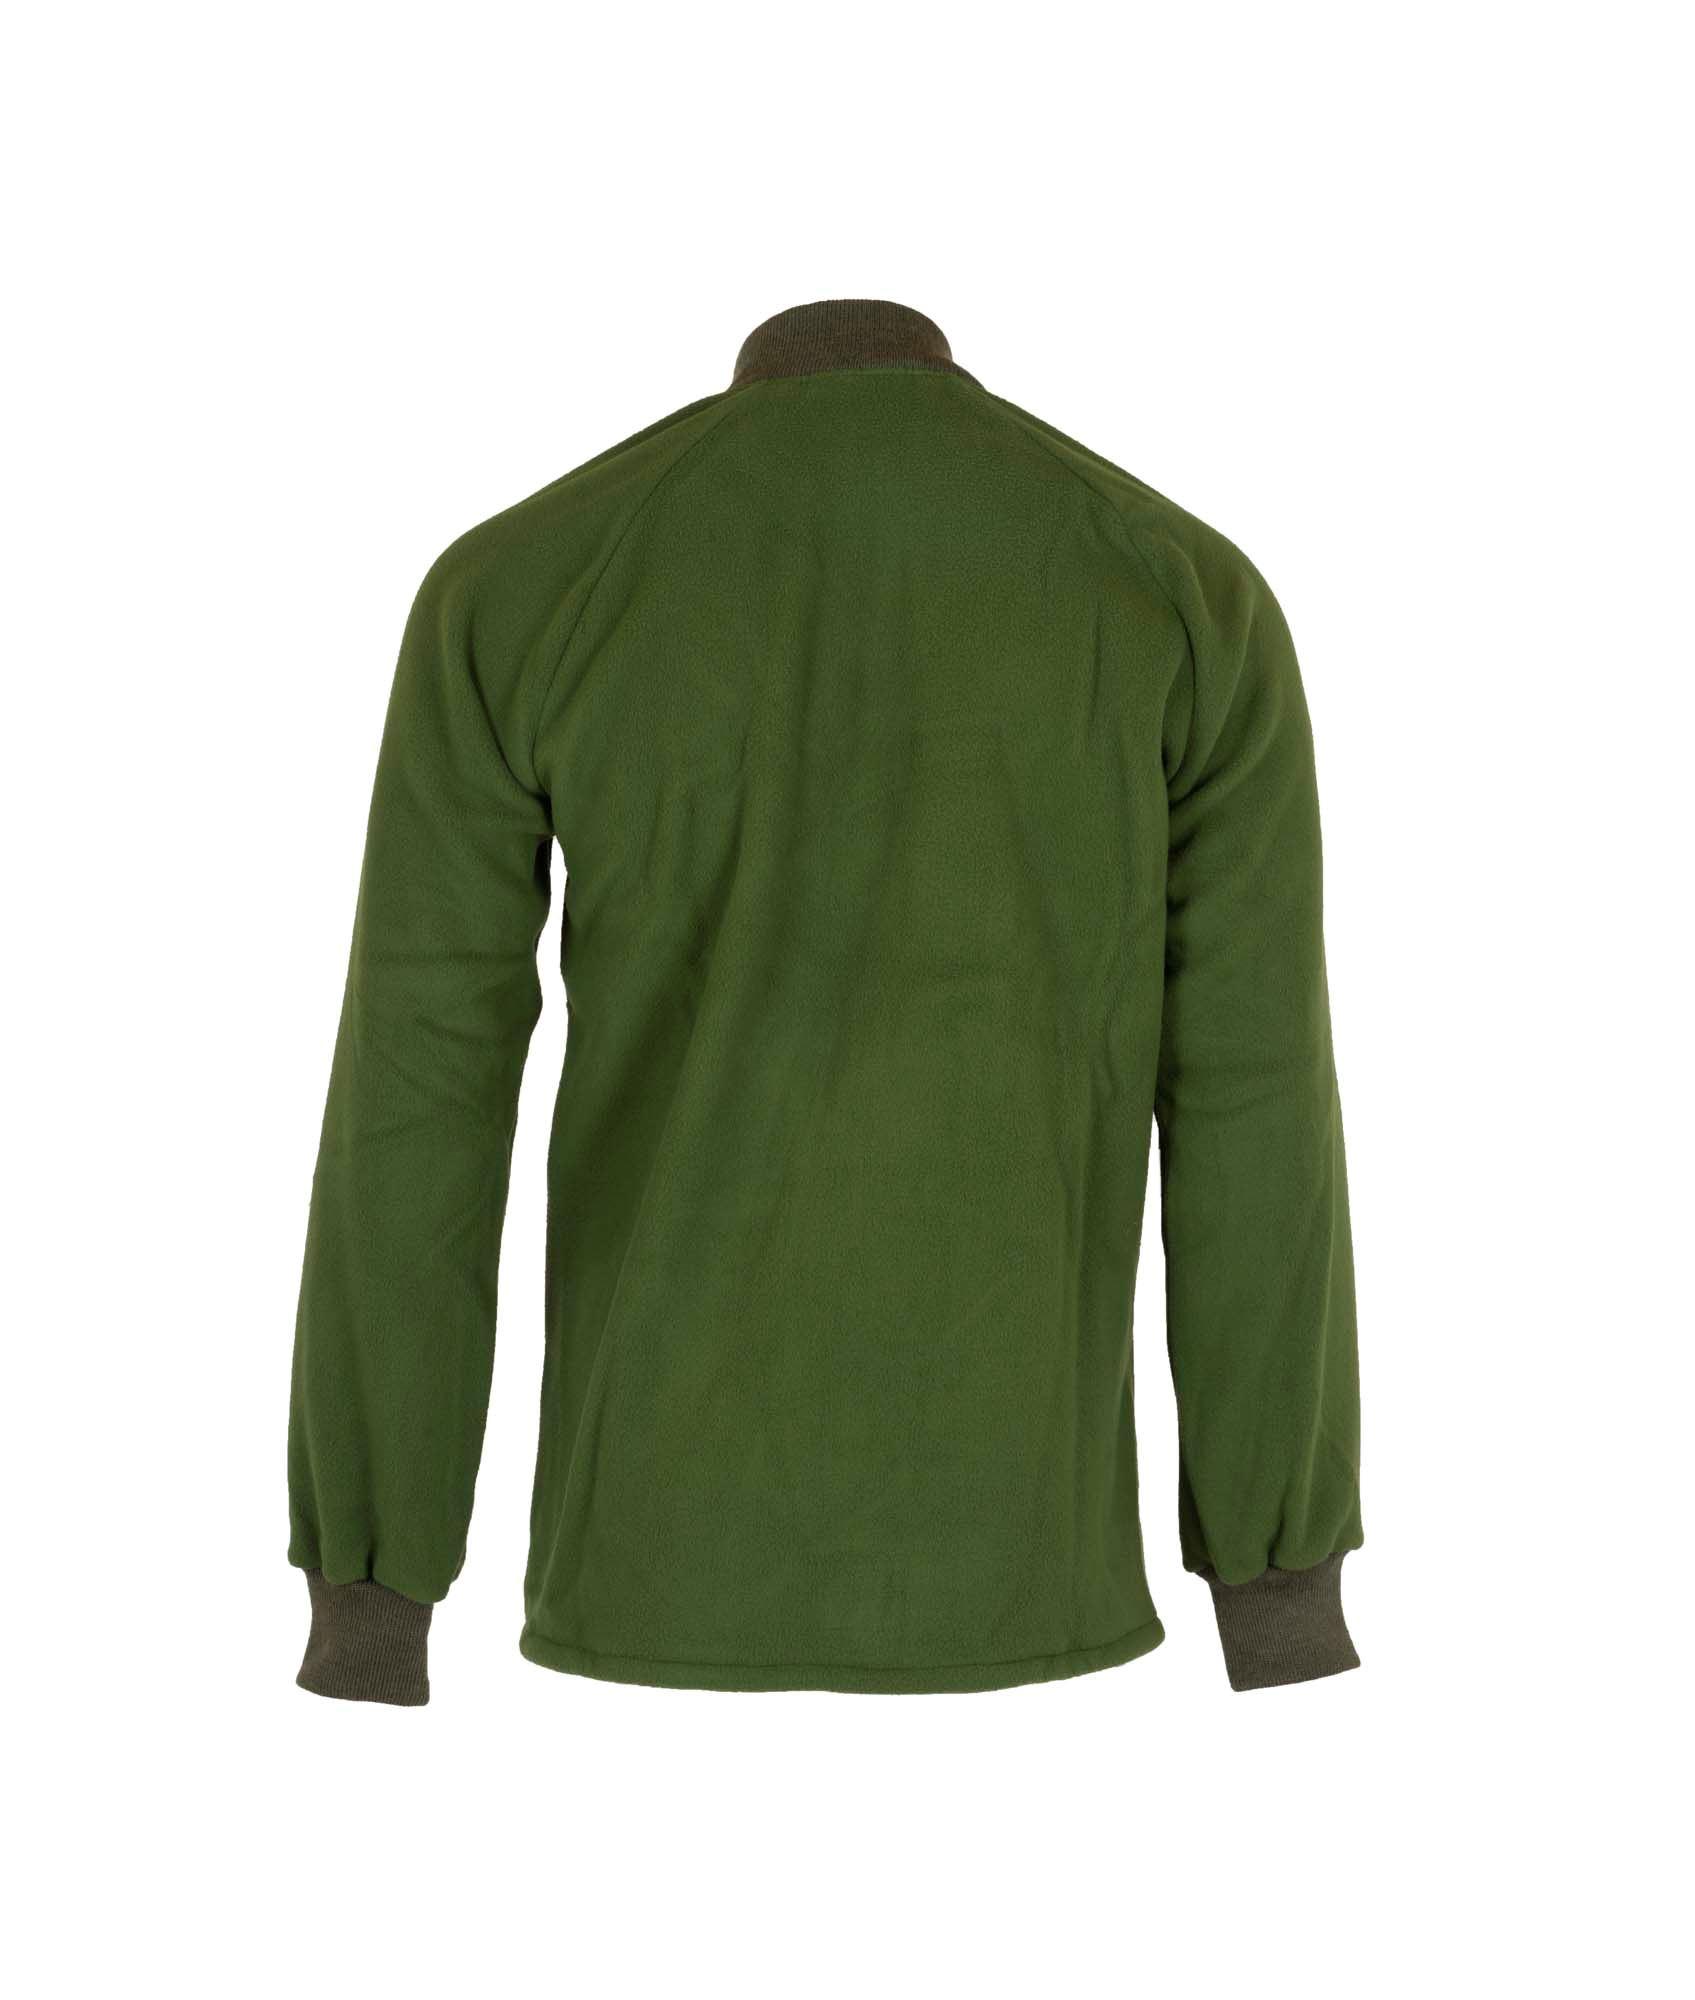 6f806833 Fleecetrøje fra Storbritanniens militær | køb army tøj | 417